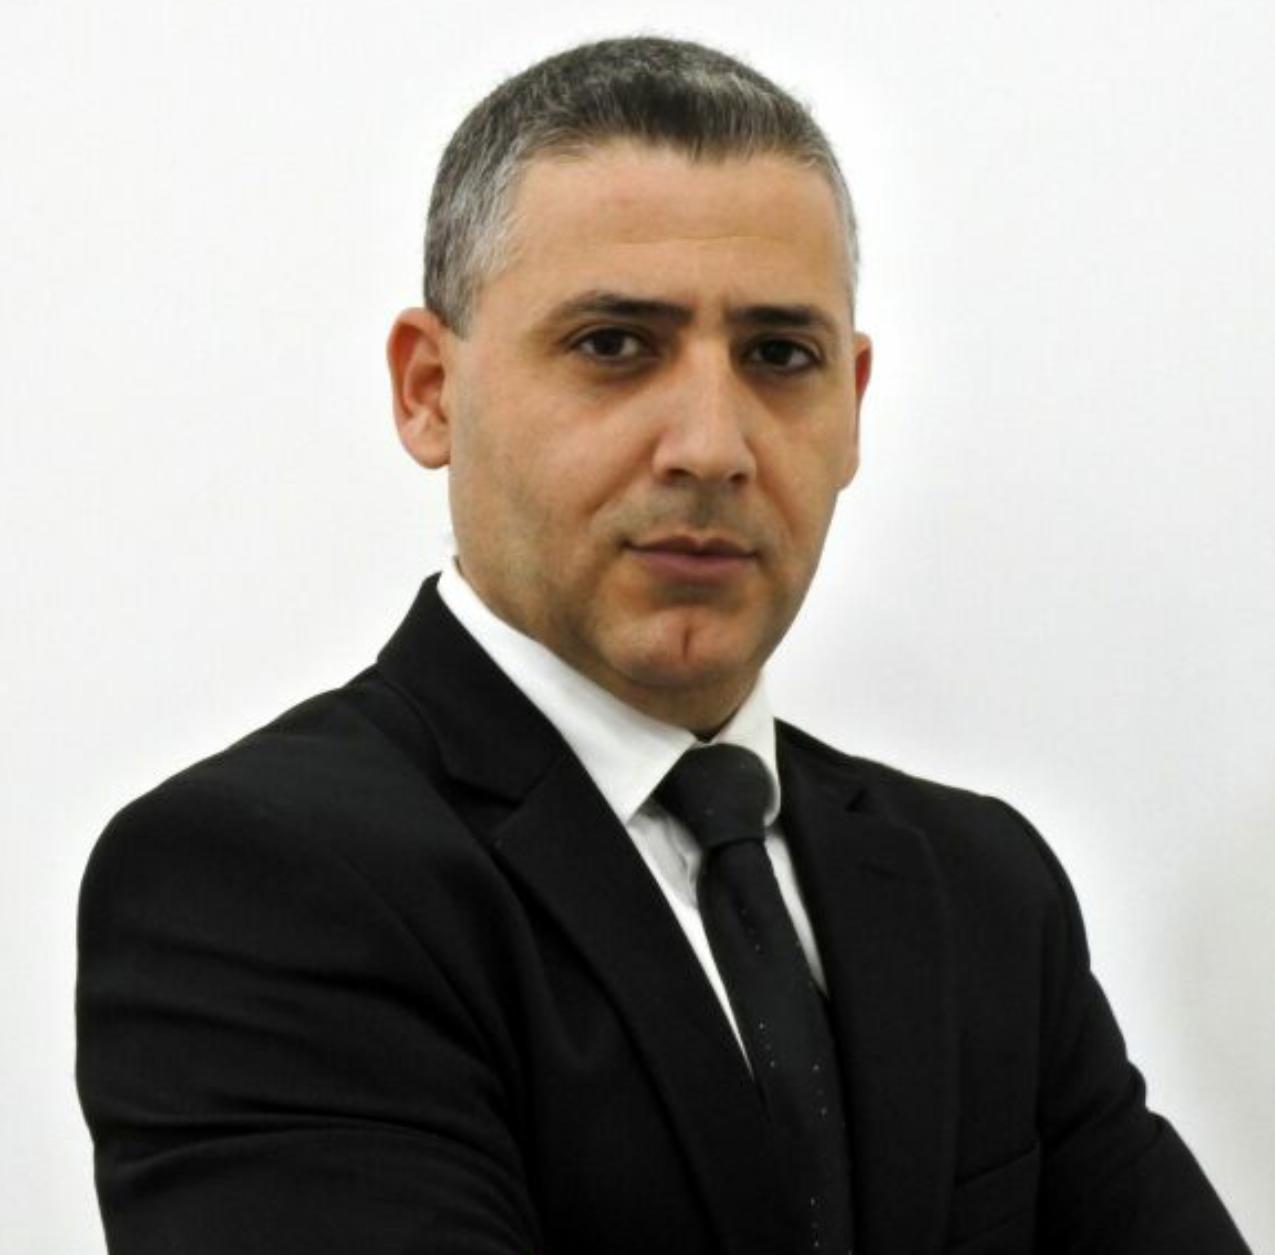 المحاميان بنا وسيف يقدمان أول التماس ضد قانون الإرهاب